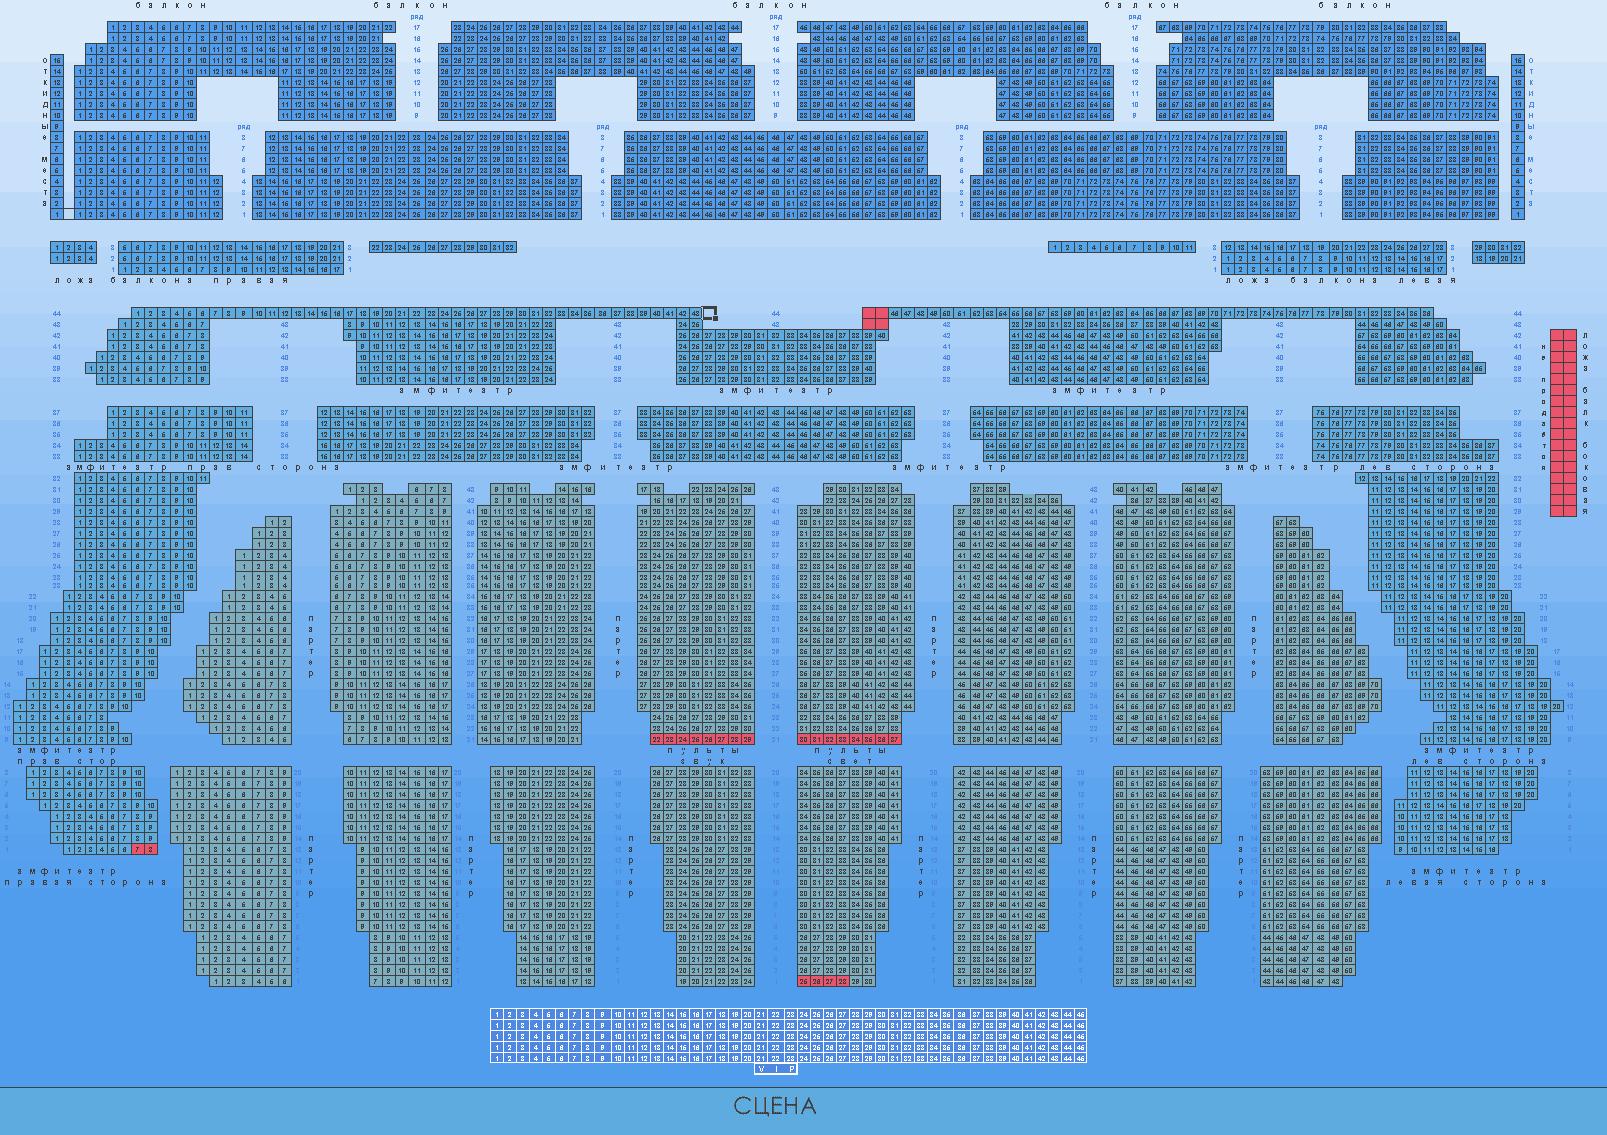 31 Декабря 2021 Новогодняя Кремлевская елка 2022: 10:00, 14:00